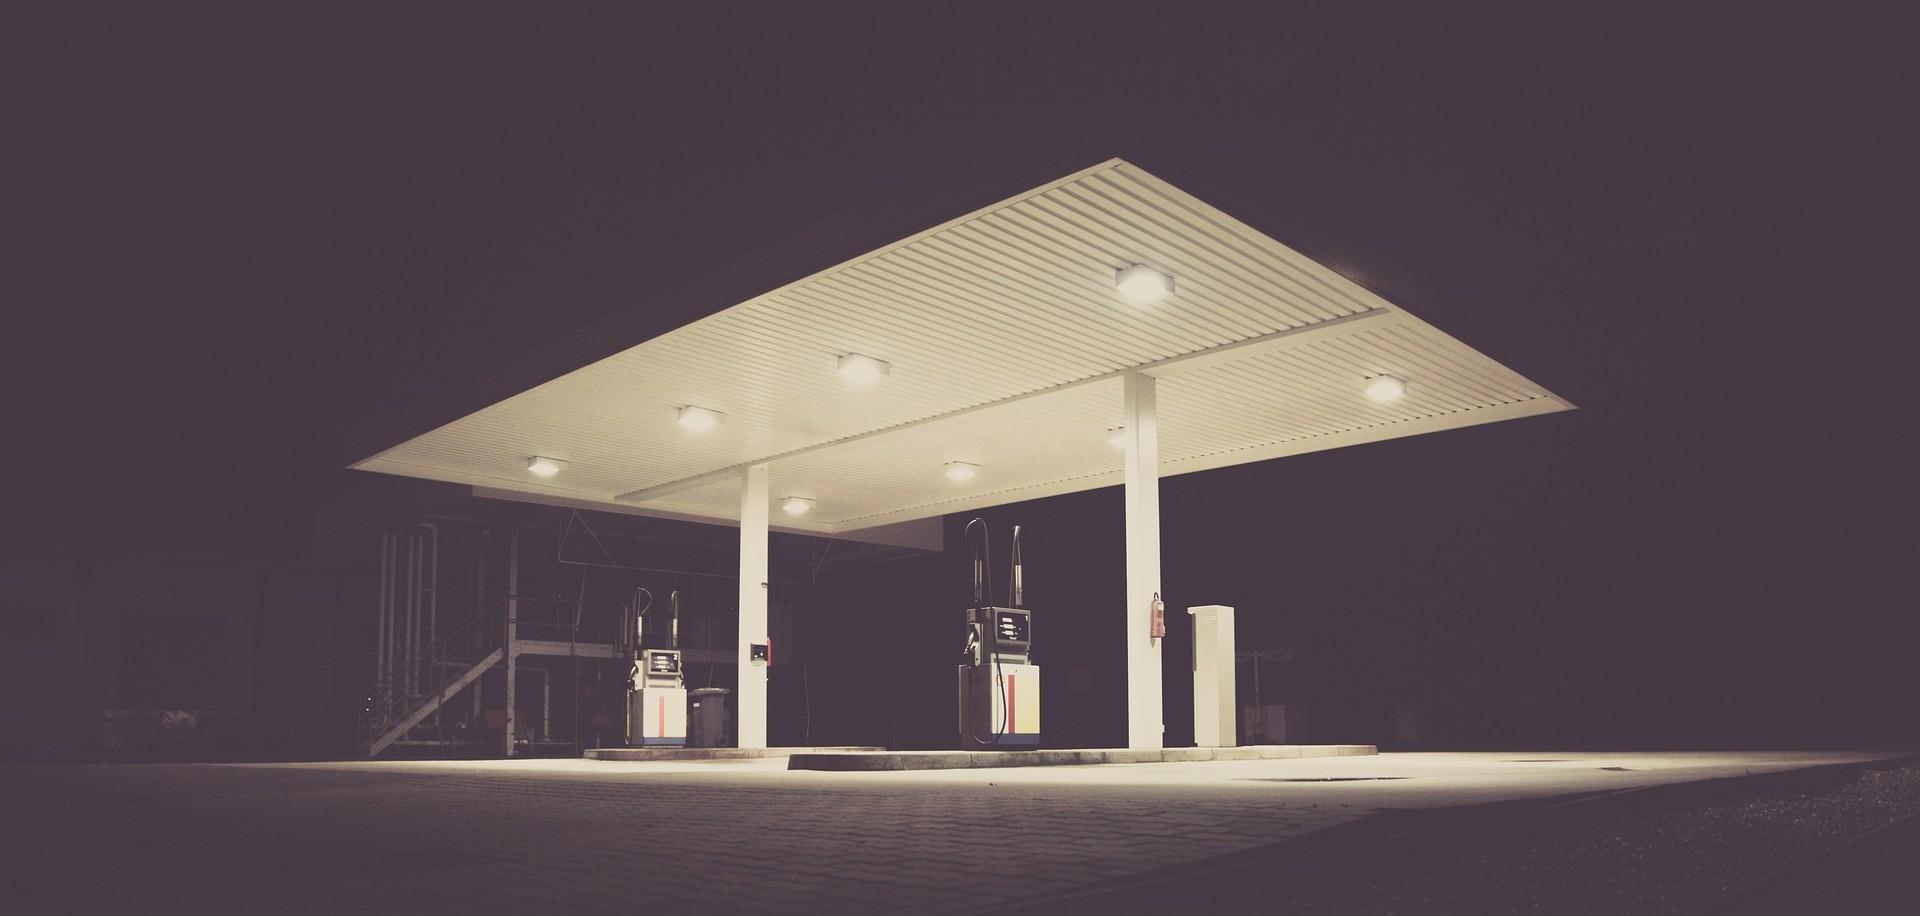 Альтернативы действующей системе ценообразования на бензин нет – Роман Скляр